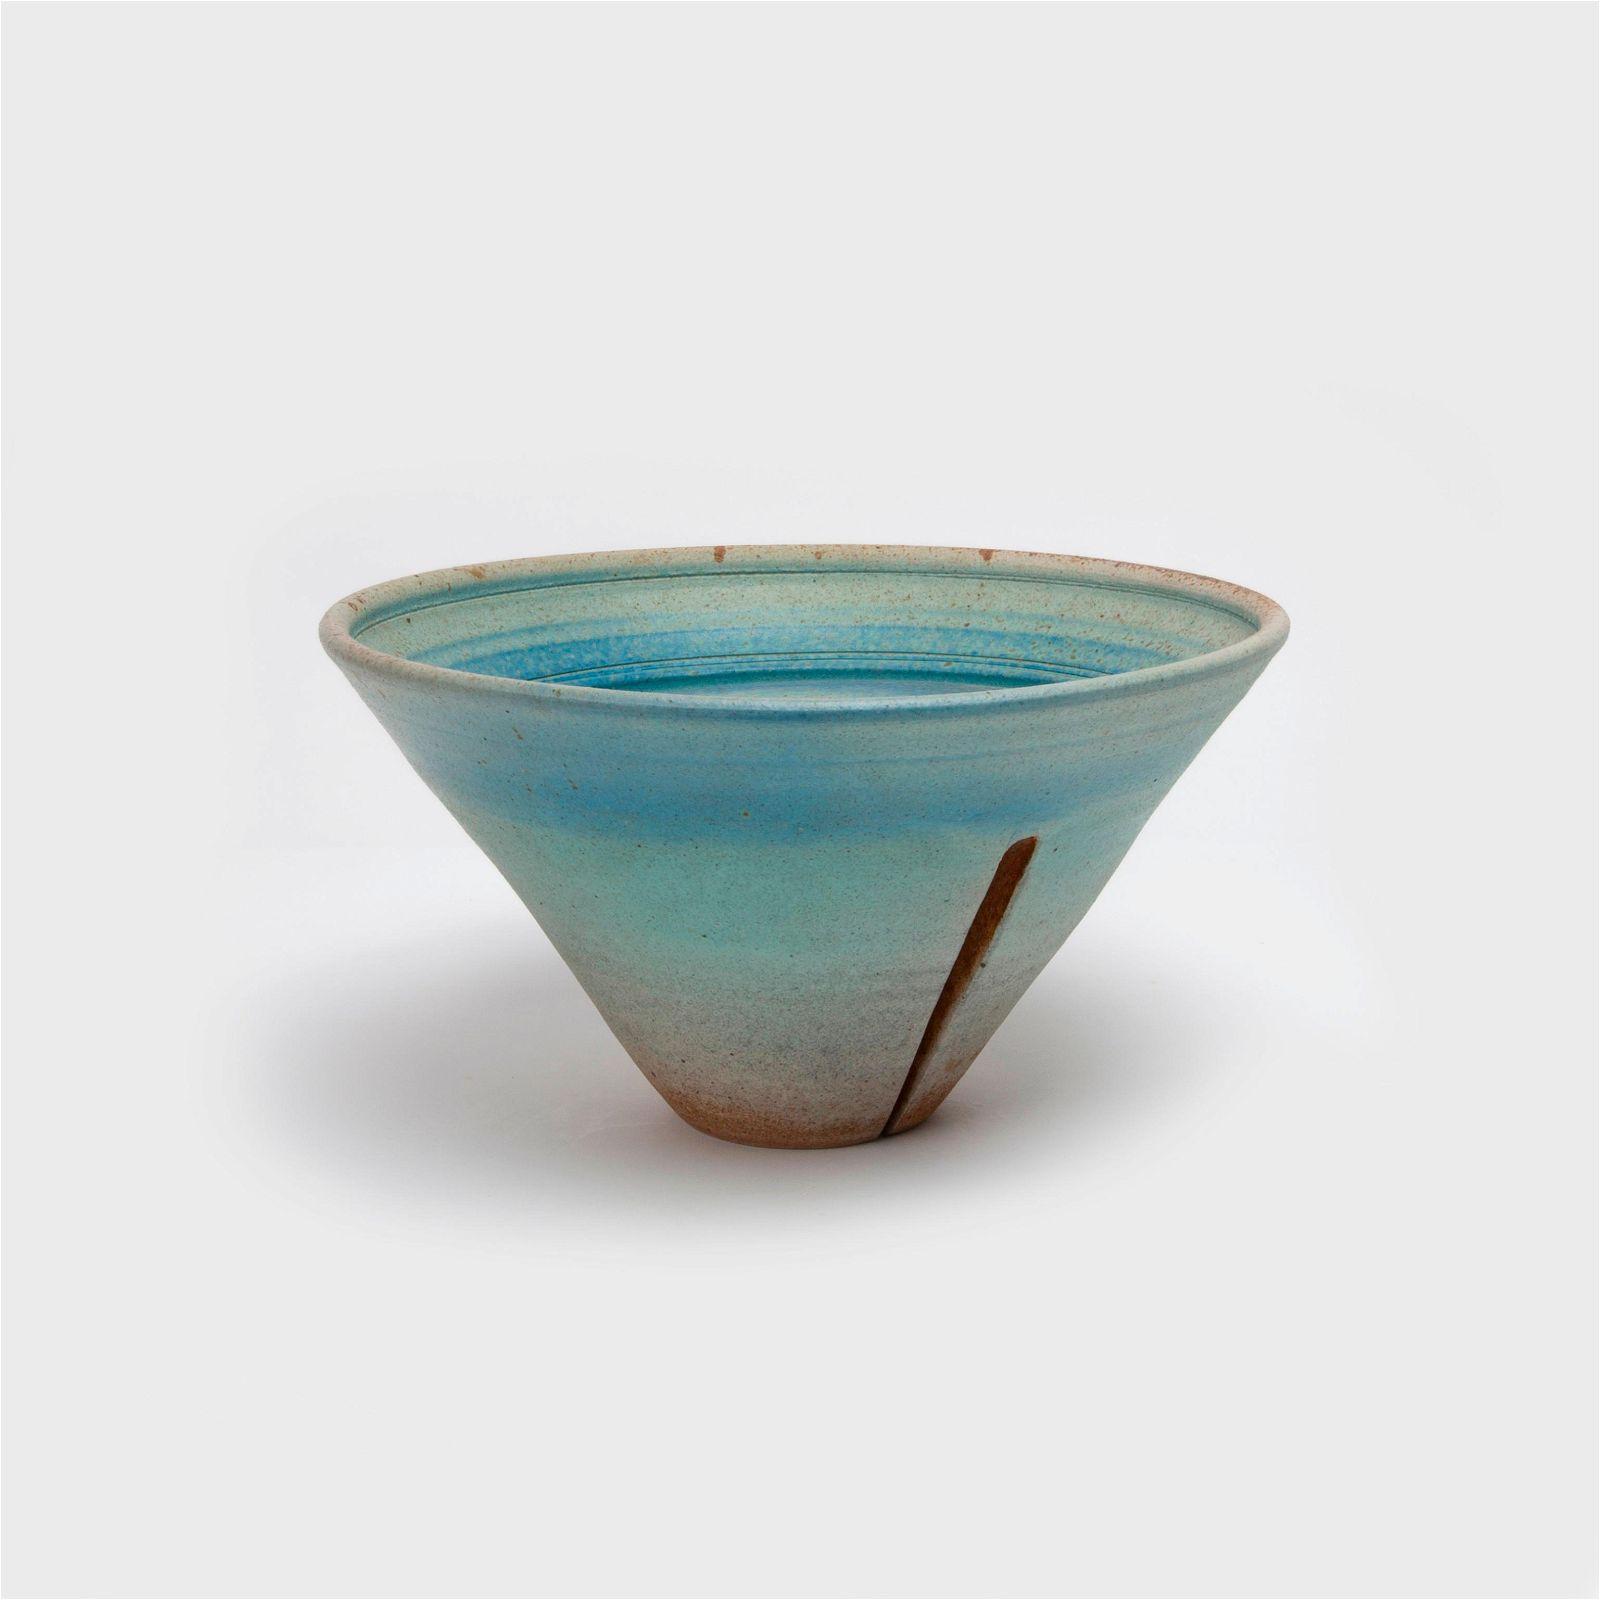 KAREN KARNES / Inverted Conical Bowl (1980s)